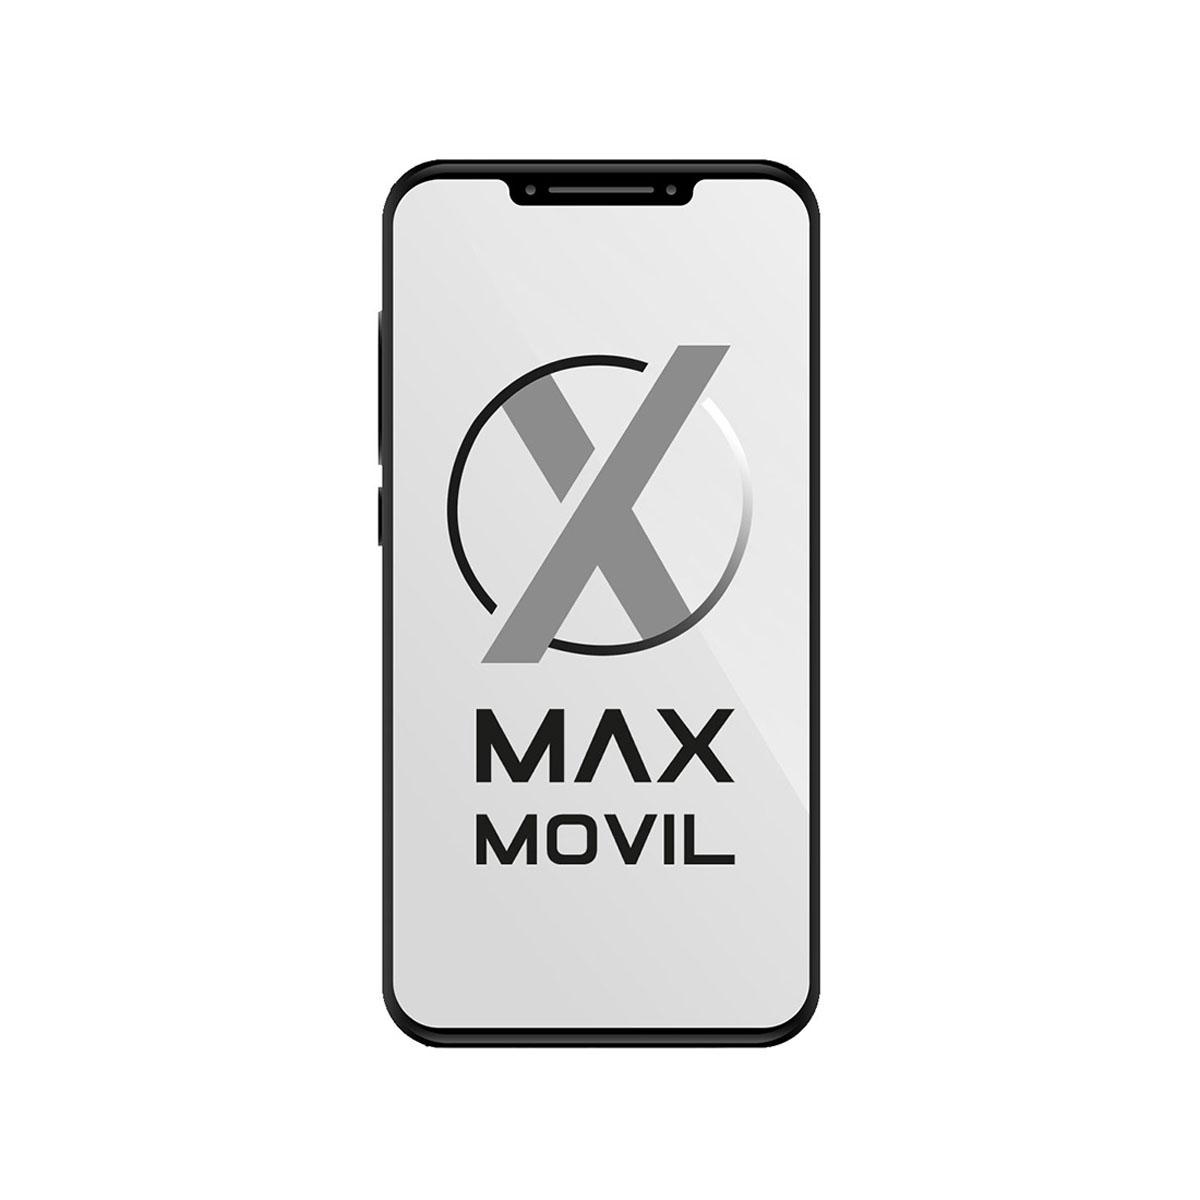 Funda tipo libro para InnJoo Max 3 Pro blanca